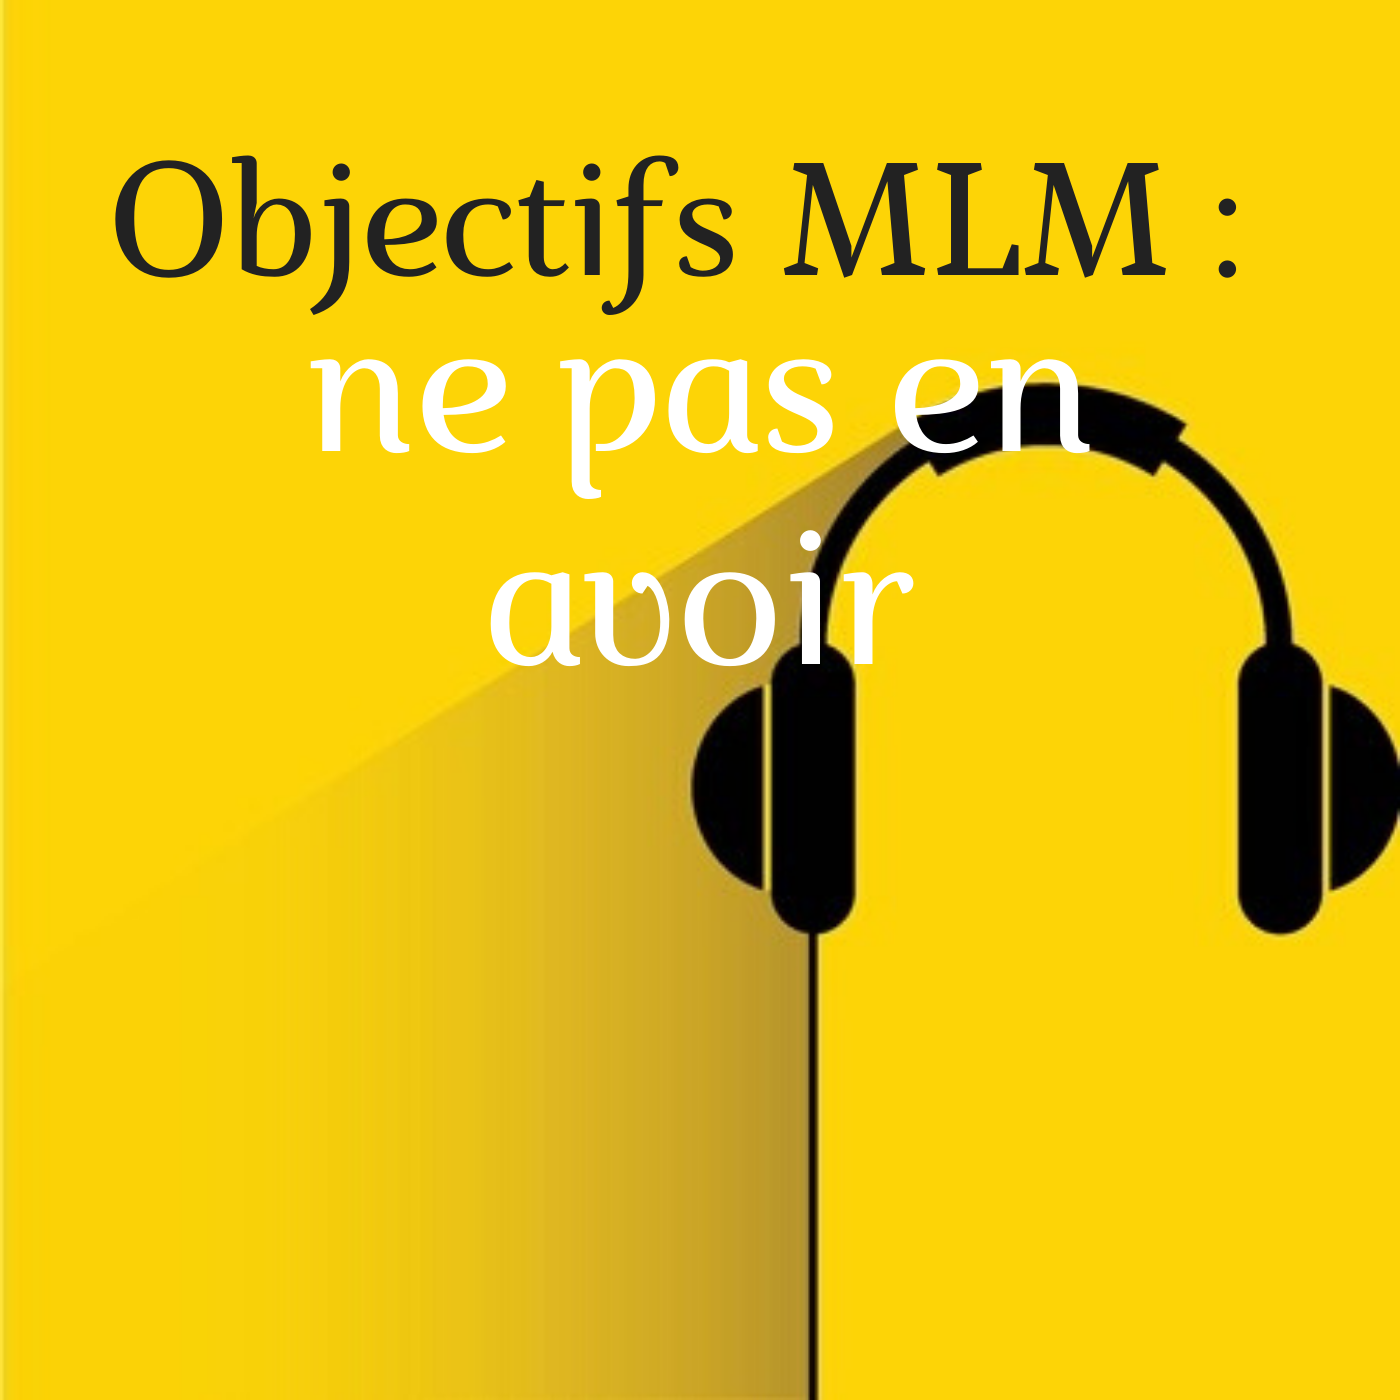 Objectifs MLM : ne pas en avoir